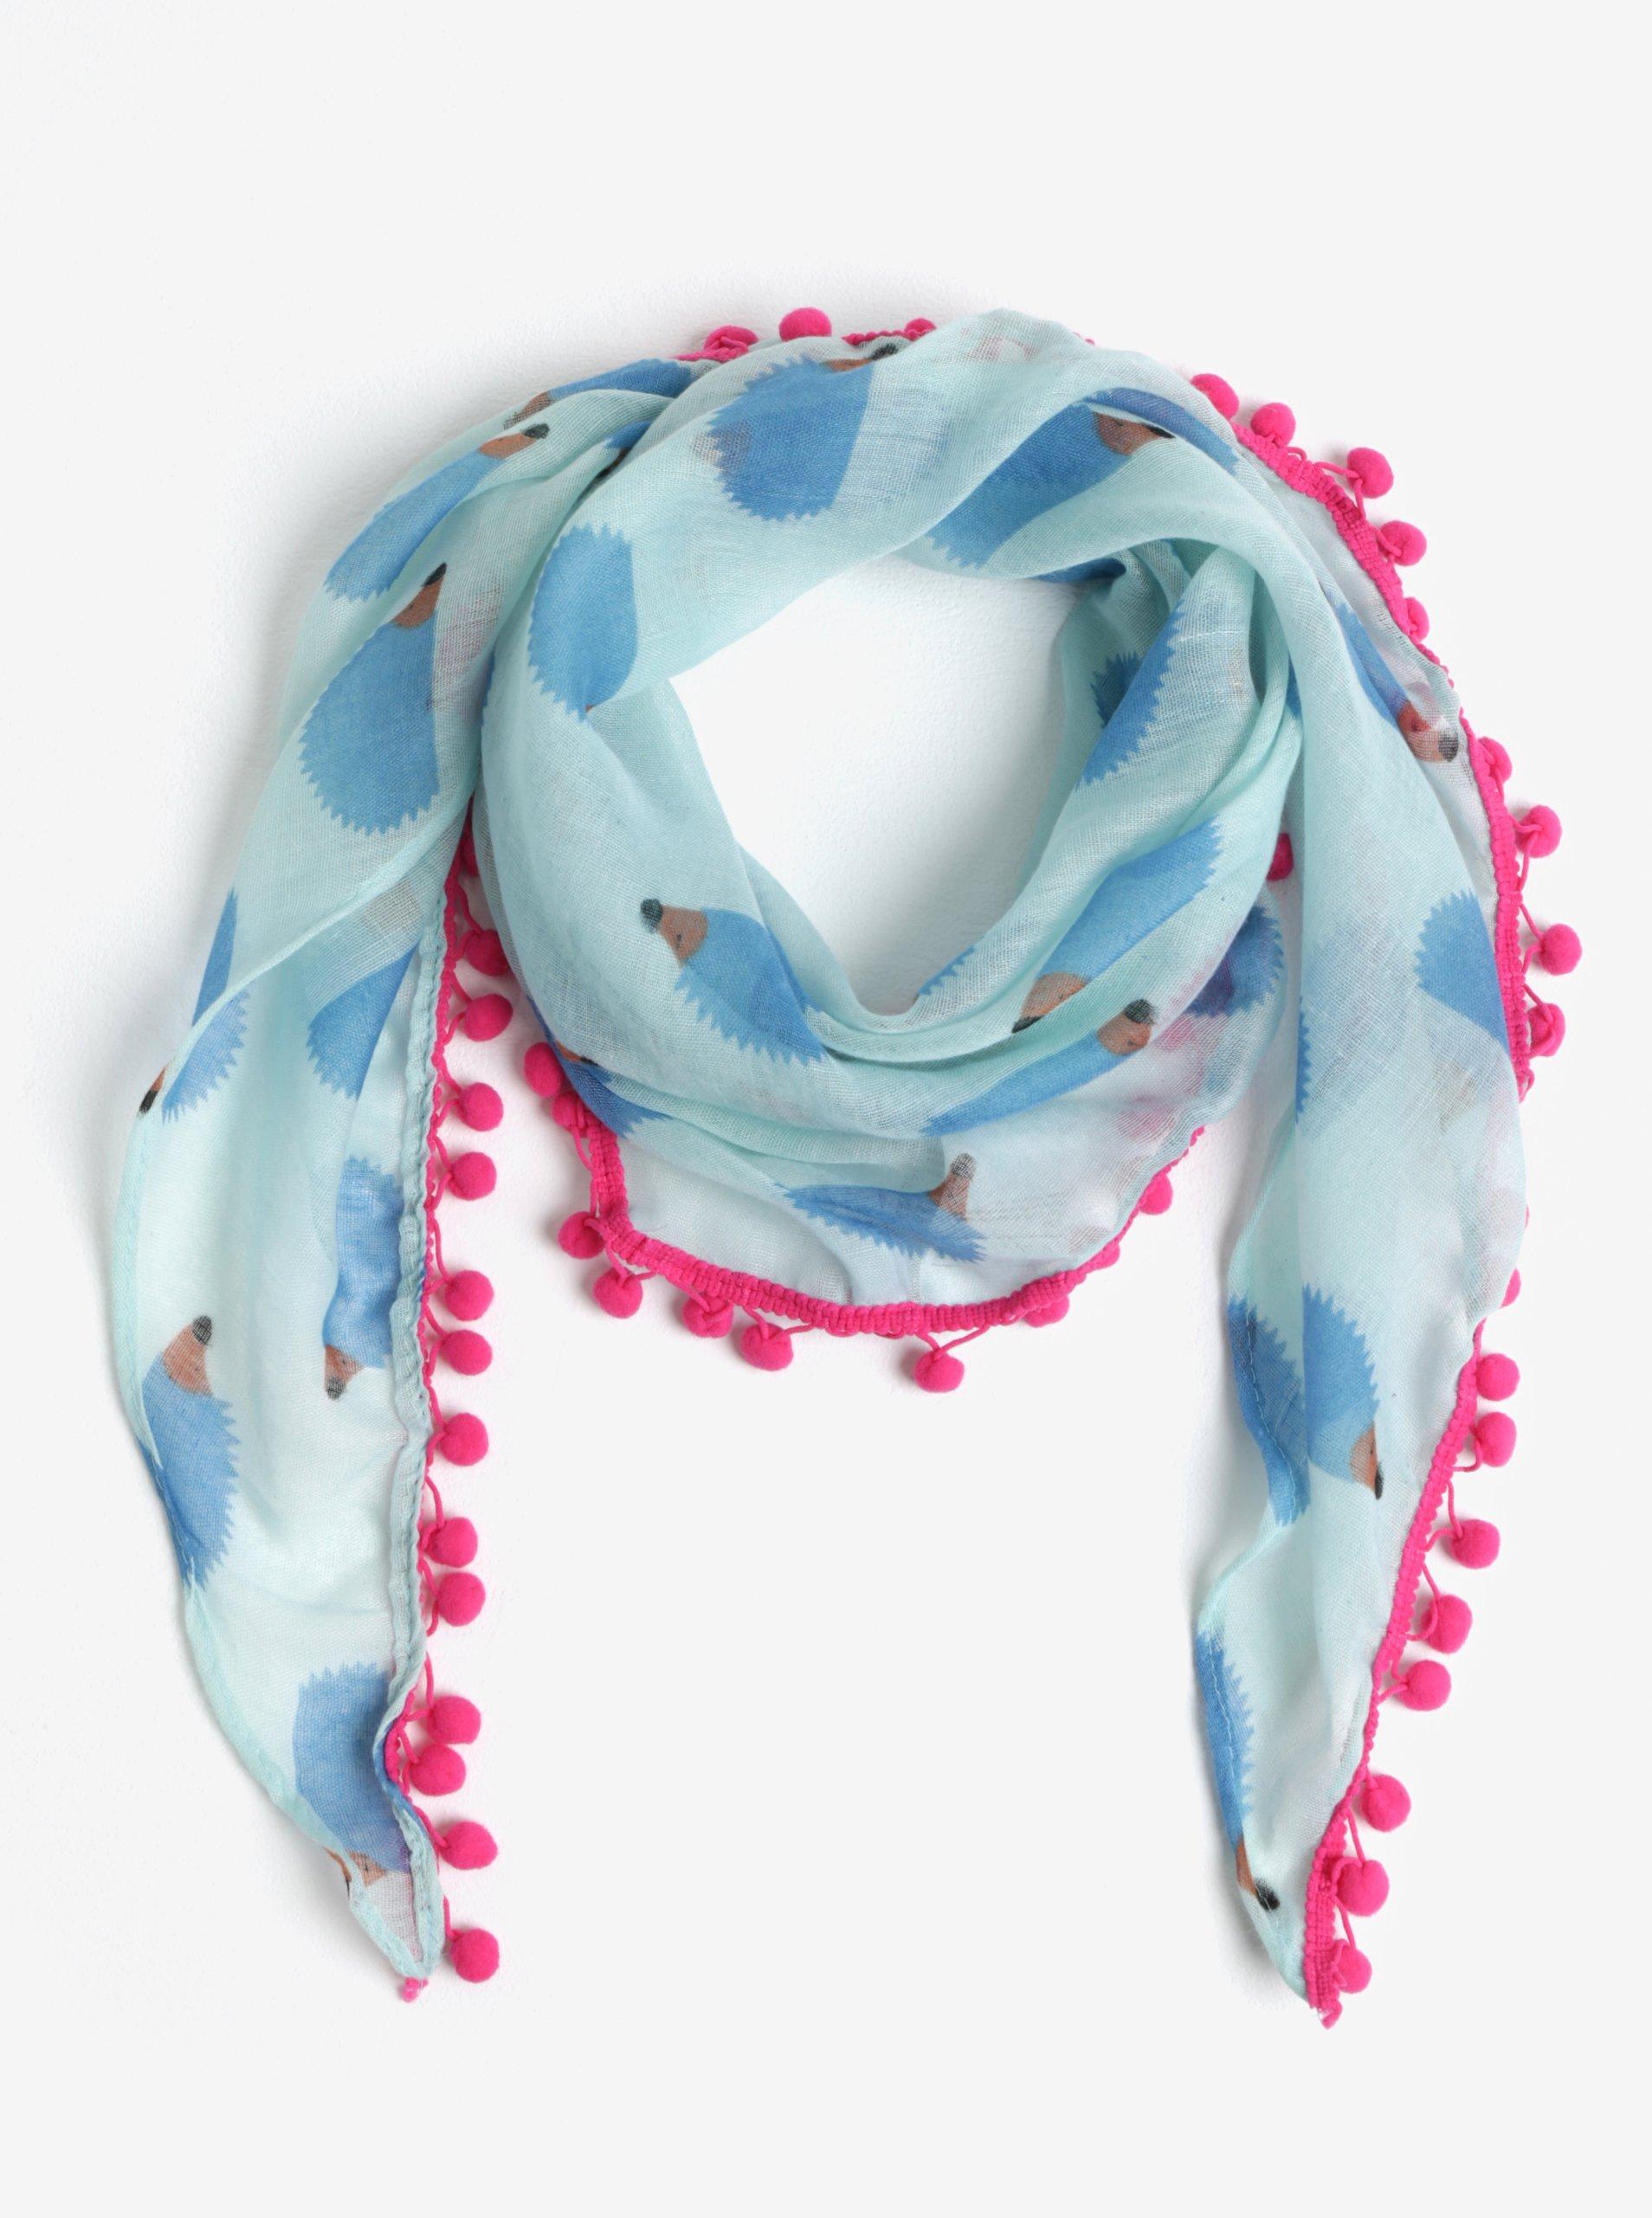 Modrý holčičí šátek s bambulemi a motivem ježků 5.10.15.